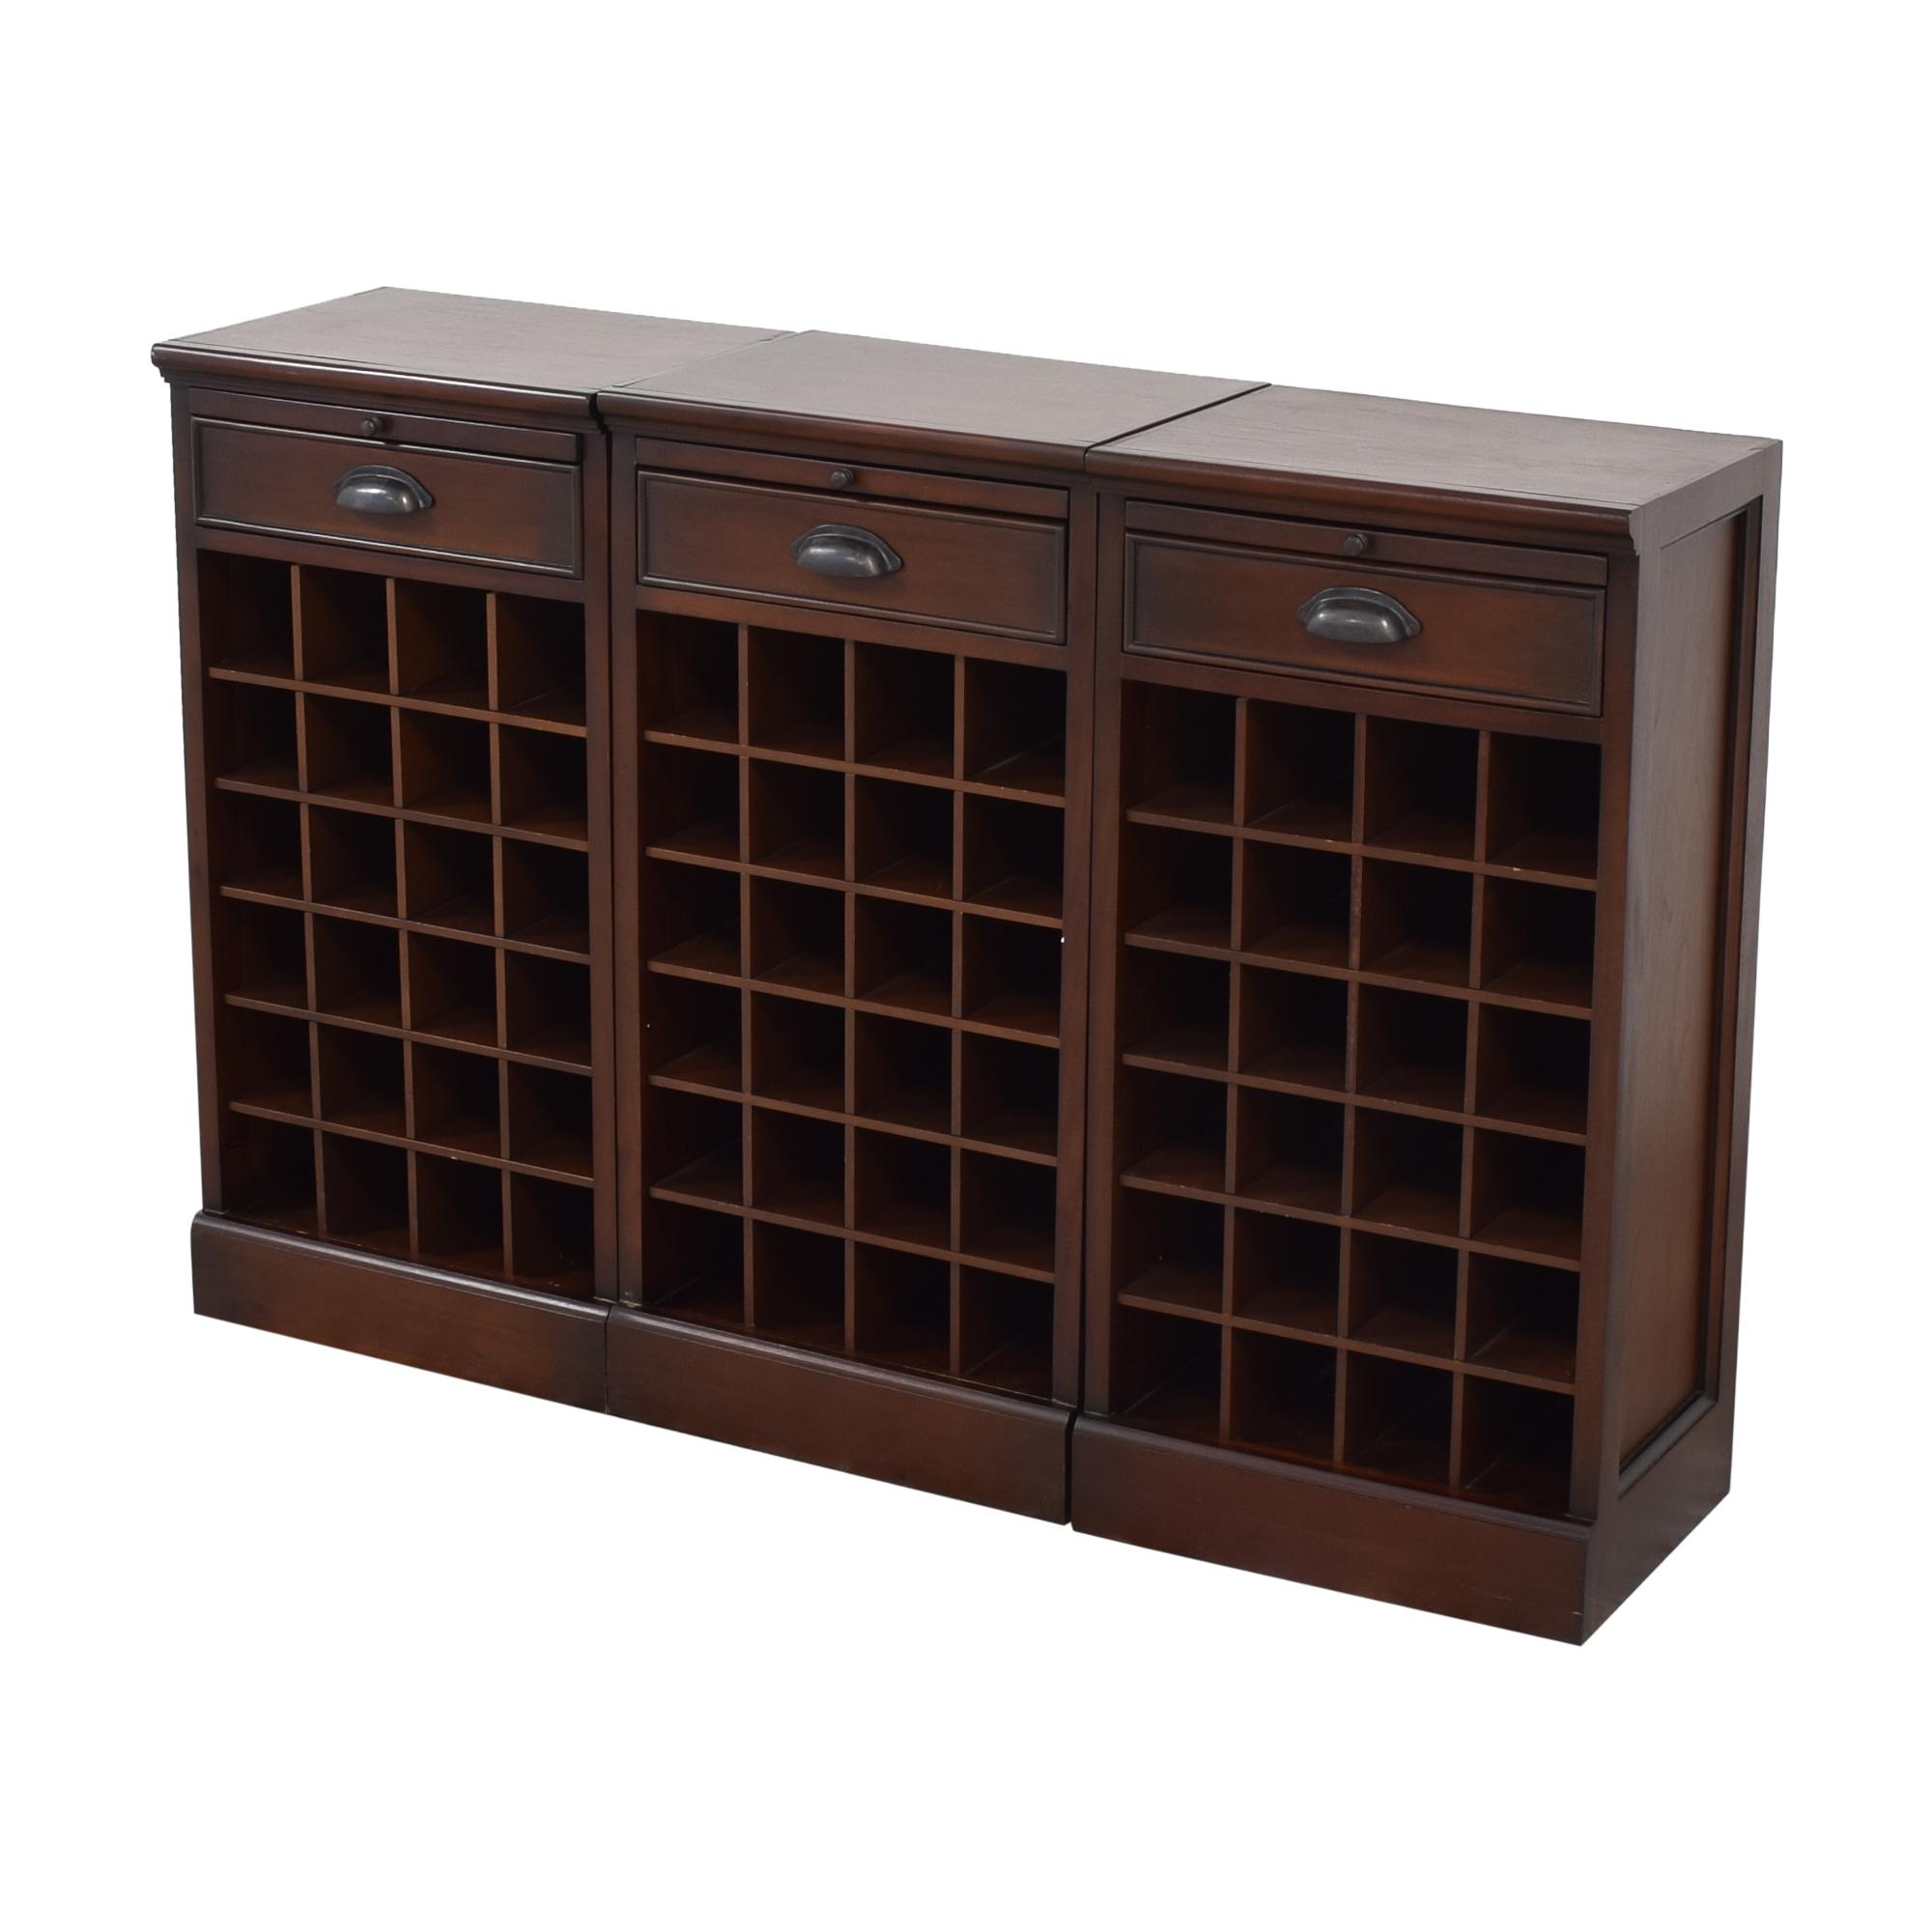 Pottery Barn Pottery Barn Modular Bar Wine Cabinet dimensions